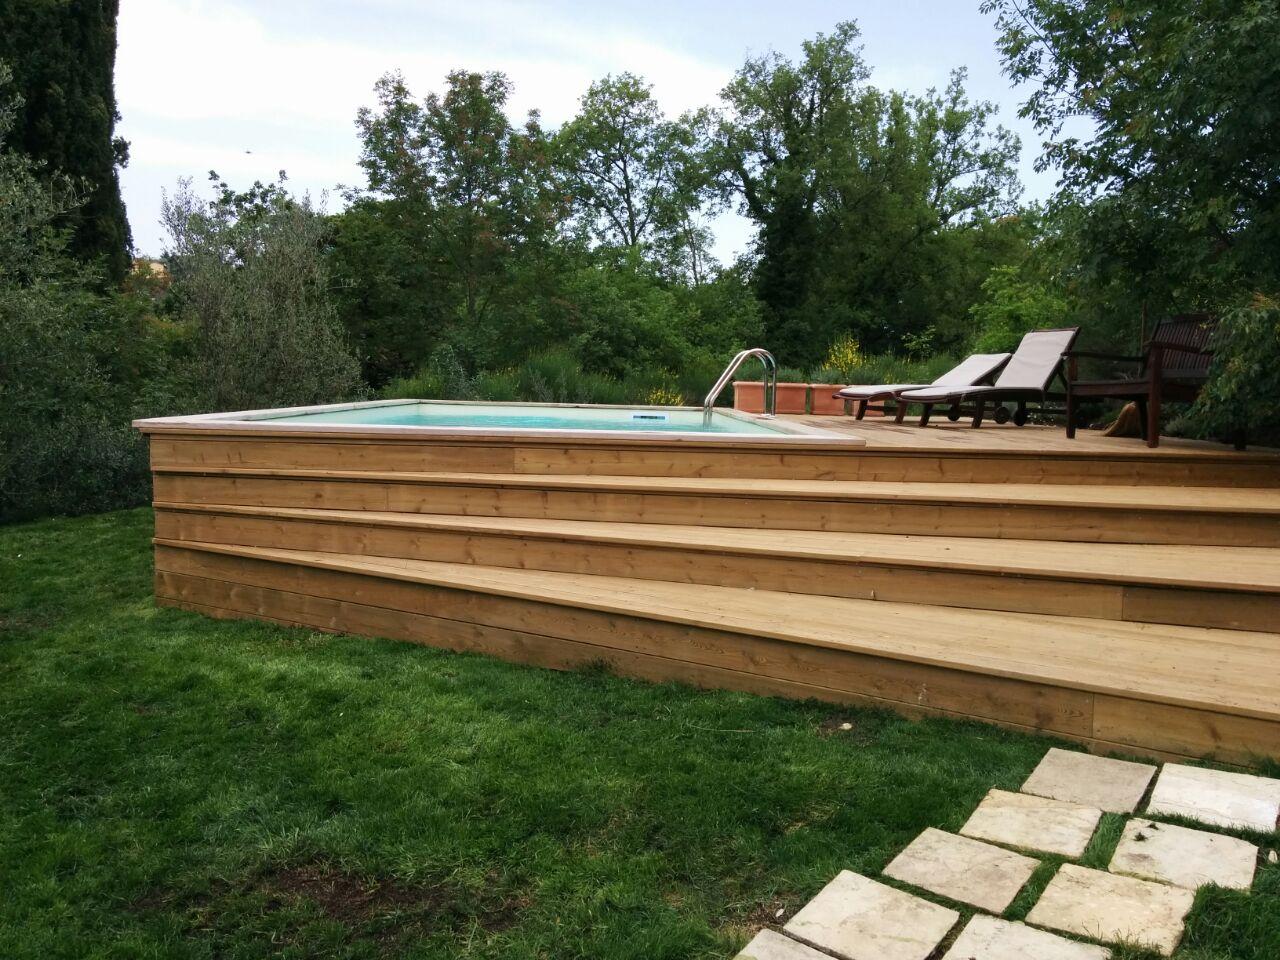 Realizzazione Piscine Fuori Terra In Legno In Toscana Garden Pool Realizzazione Piscine In Toscana